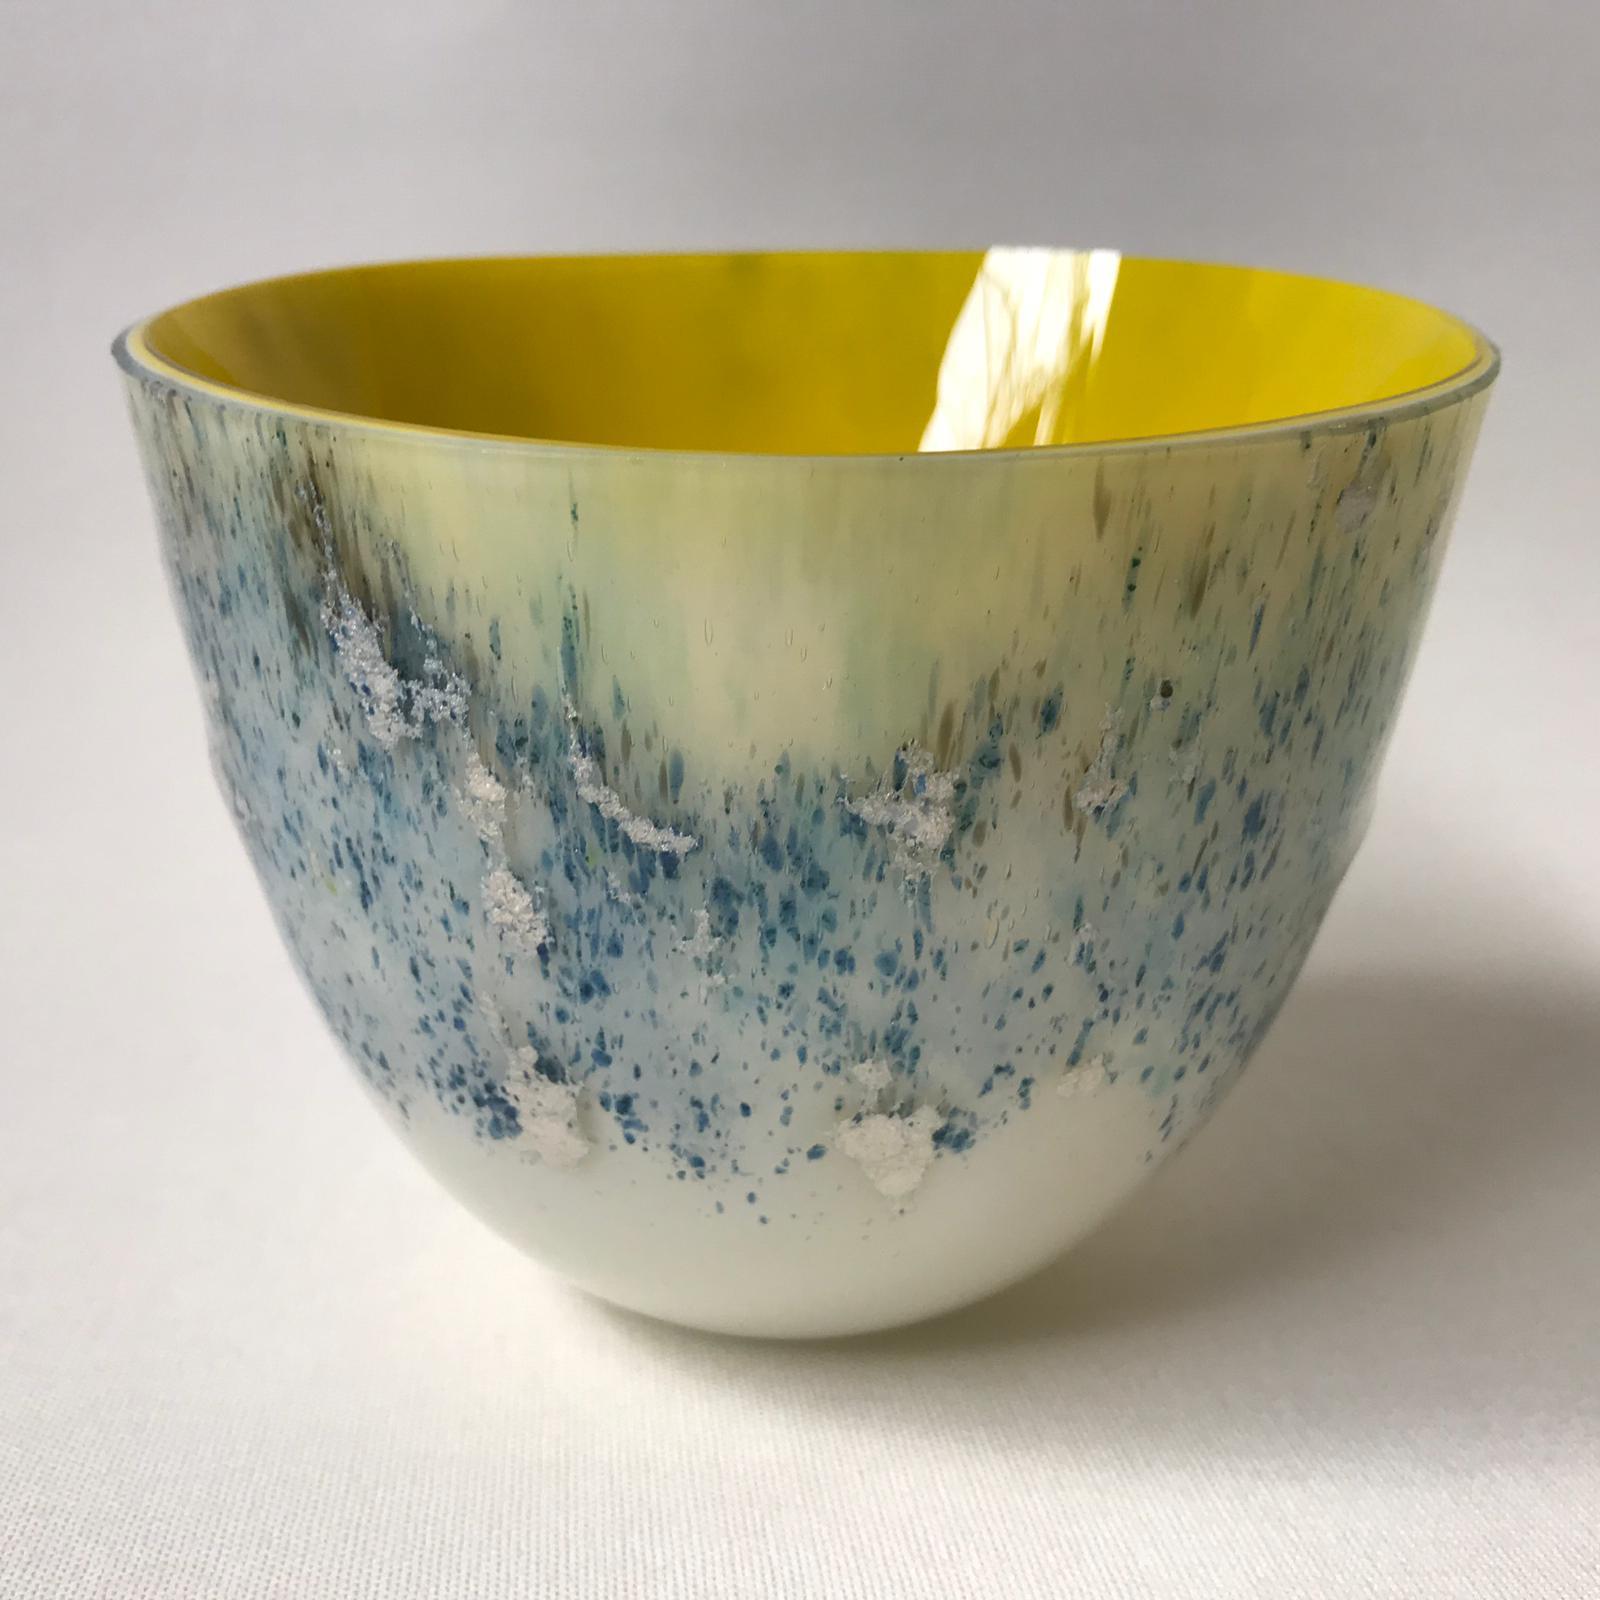 Glazen vaas - geel/zilver/blauw - verkocht